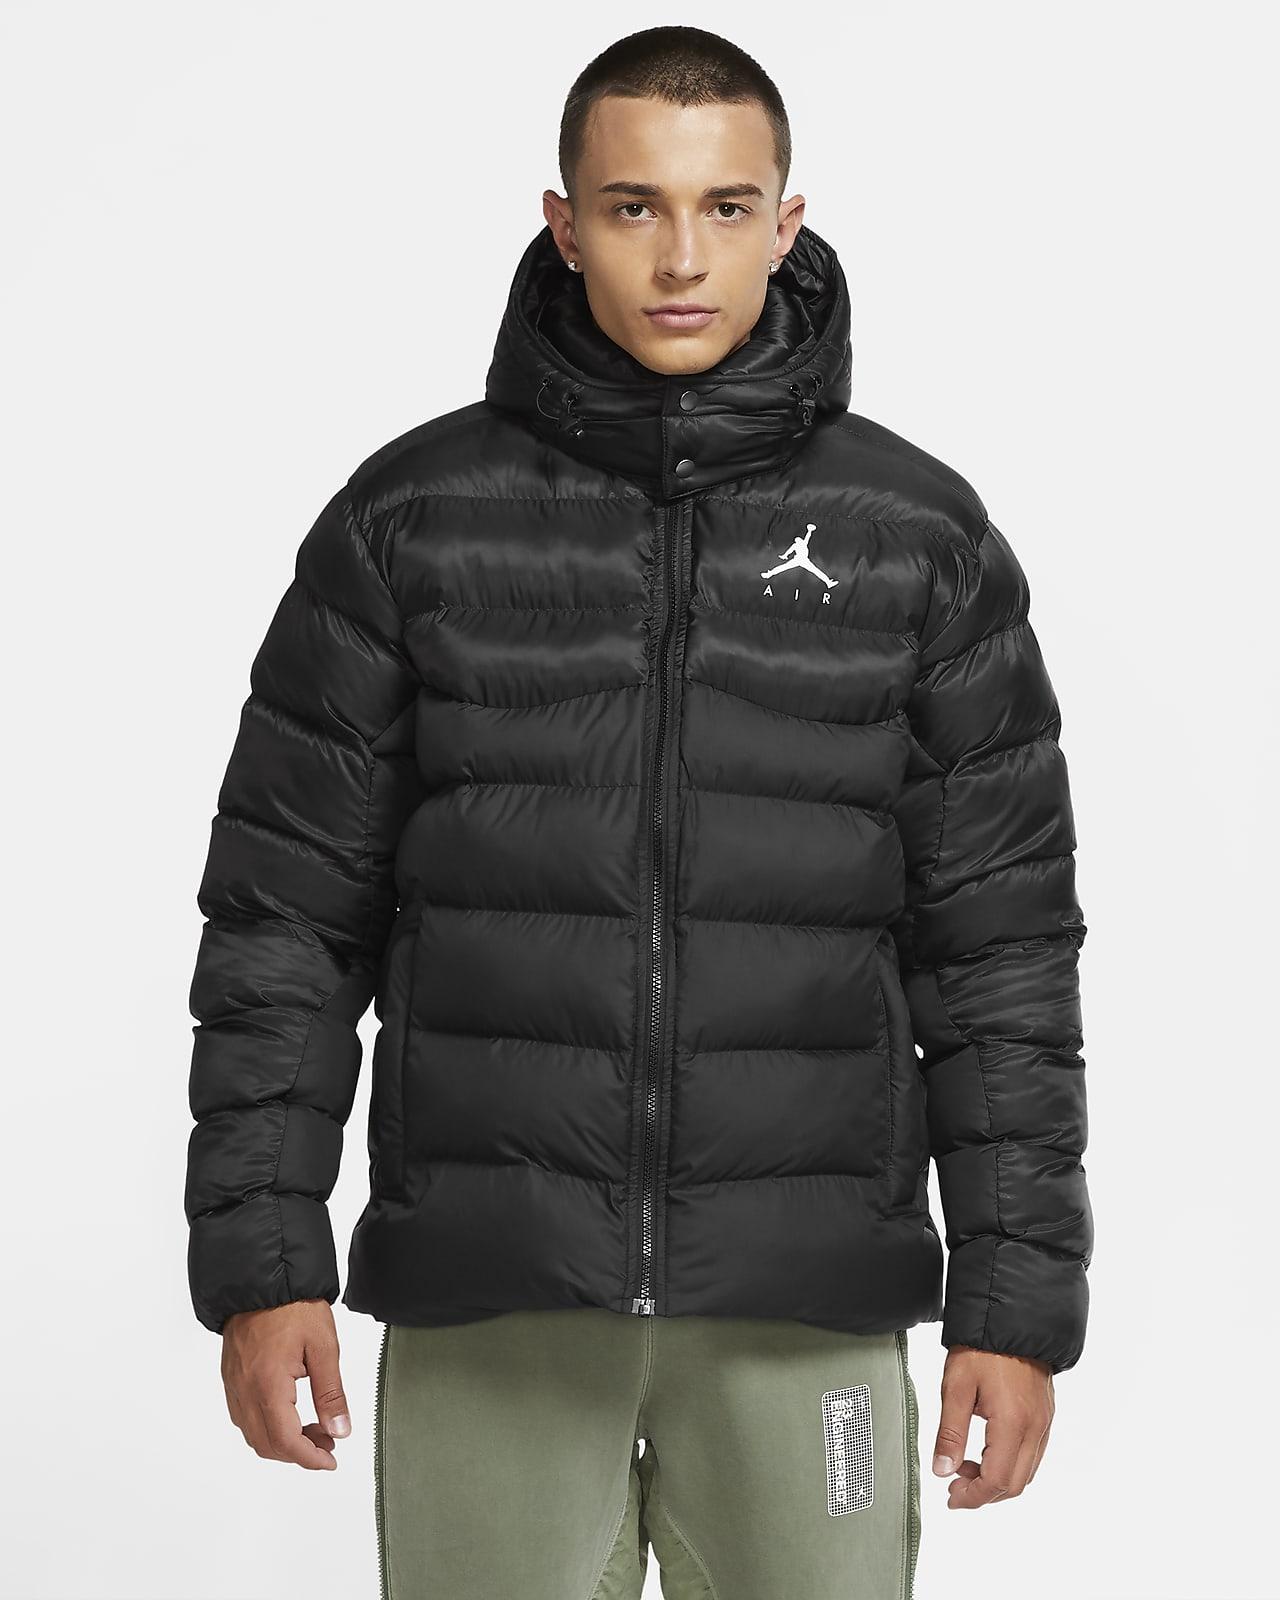 Jordan Jumpman Air Men's Puffer Jacket